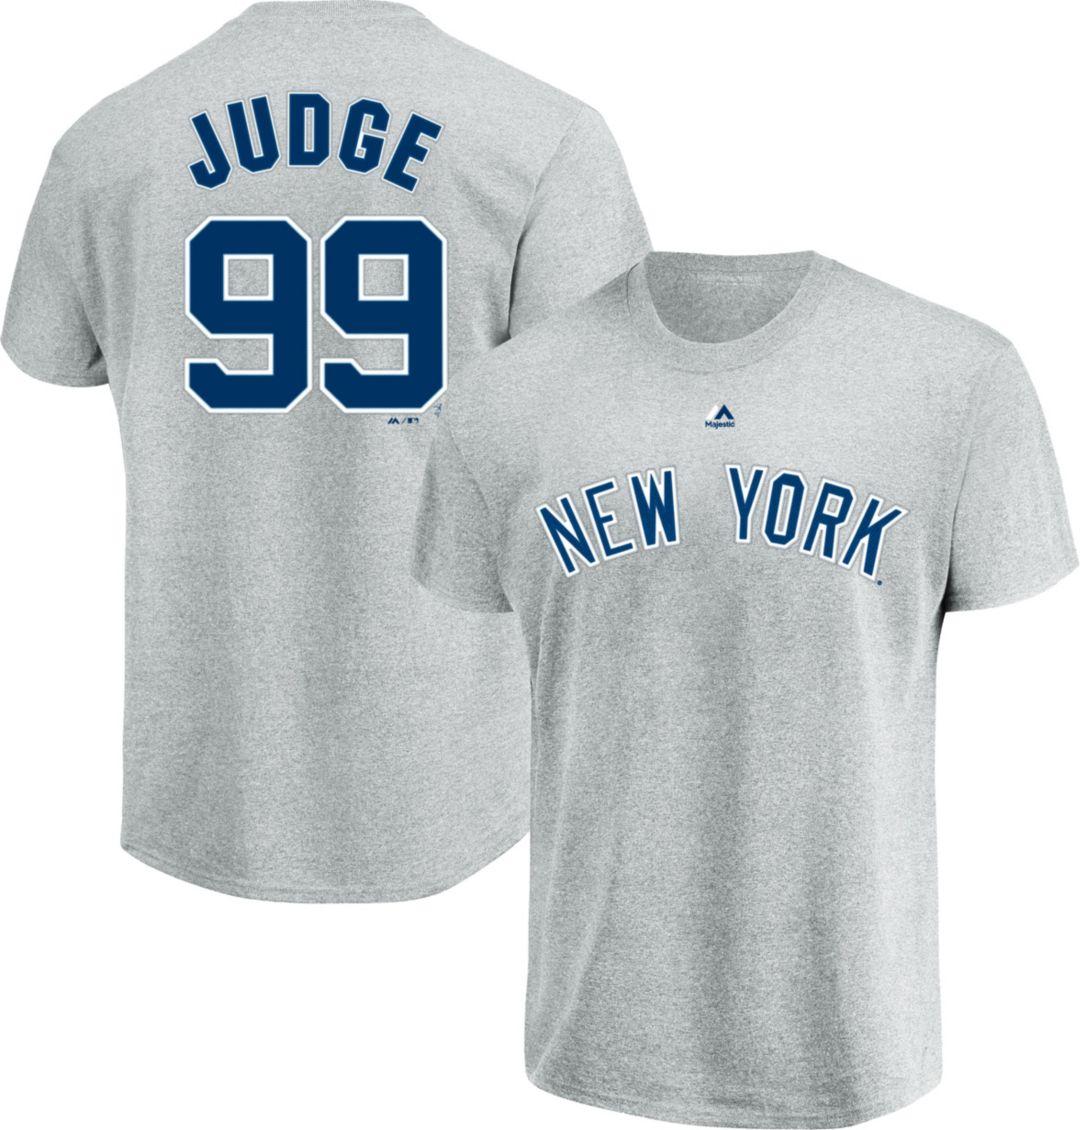 online retailer 626fd 39847 Majestic Men's New York Yankees Aaron Judge #99 Grey T-Shirt